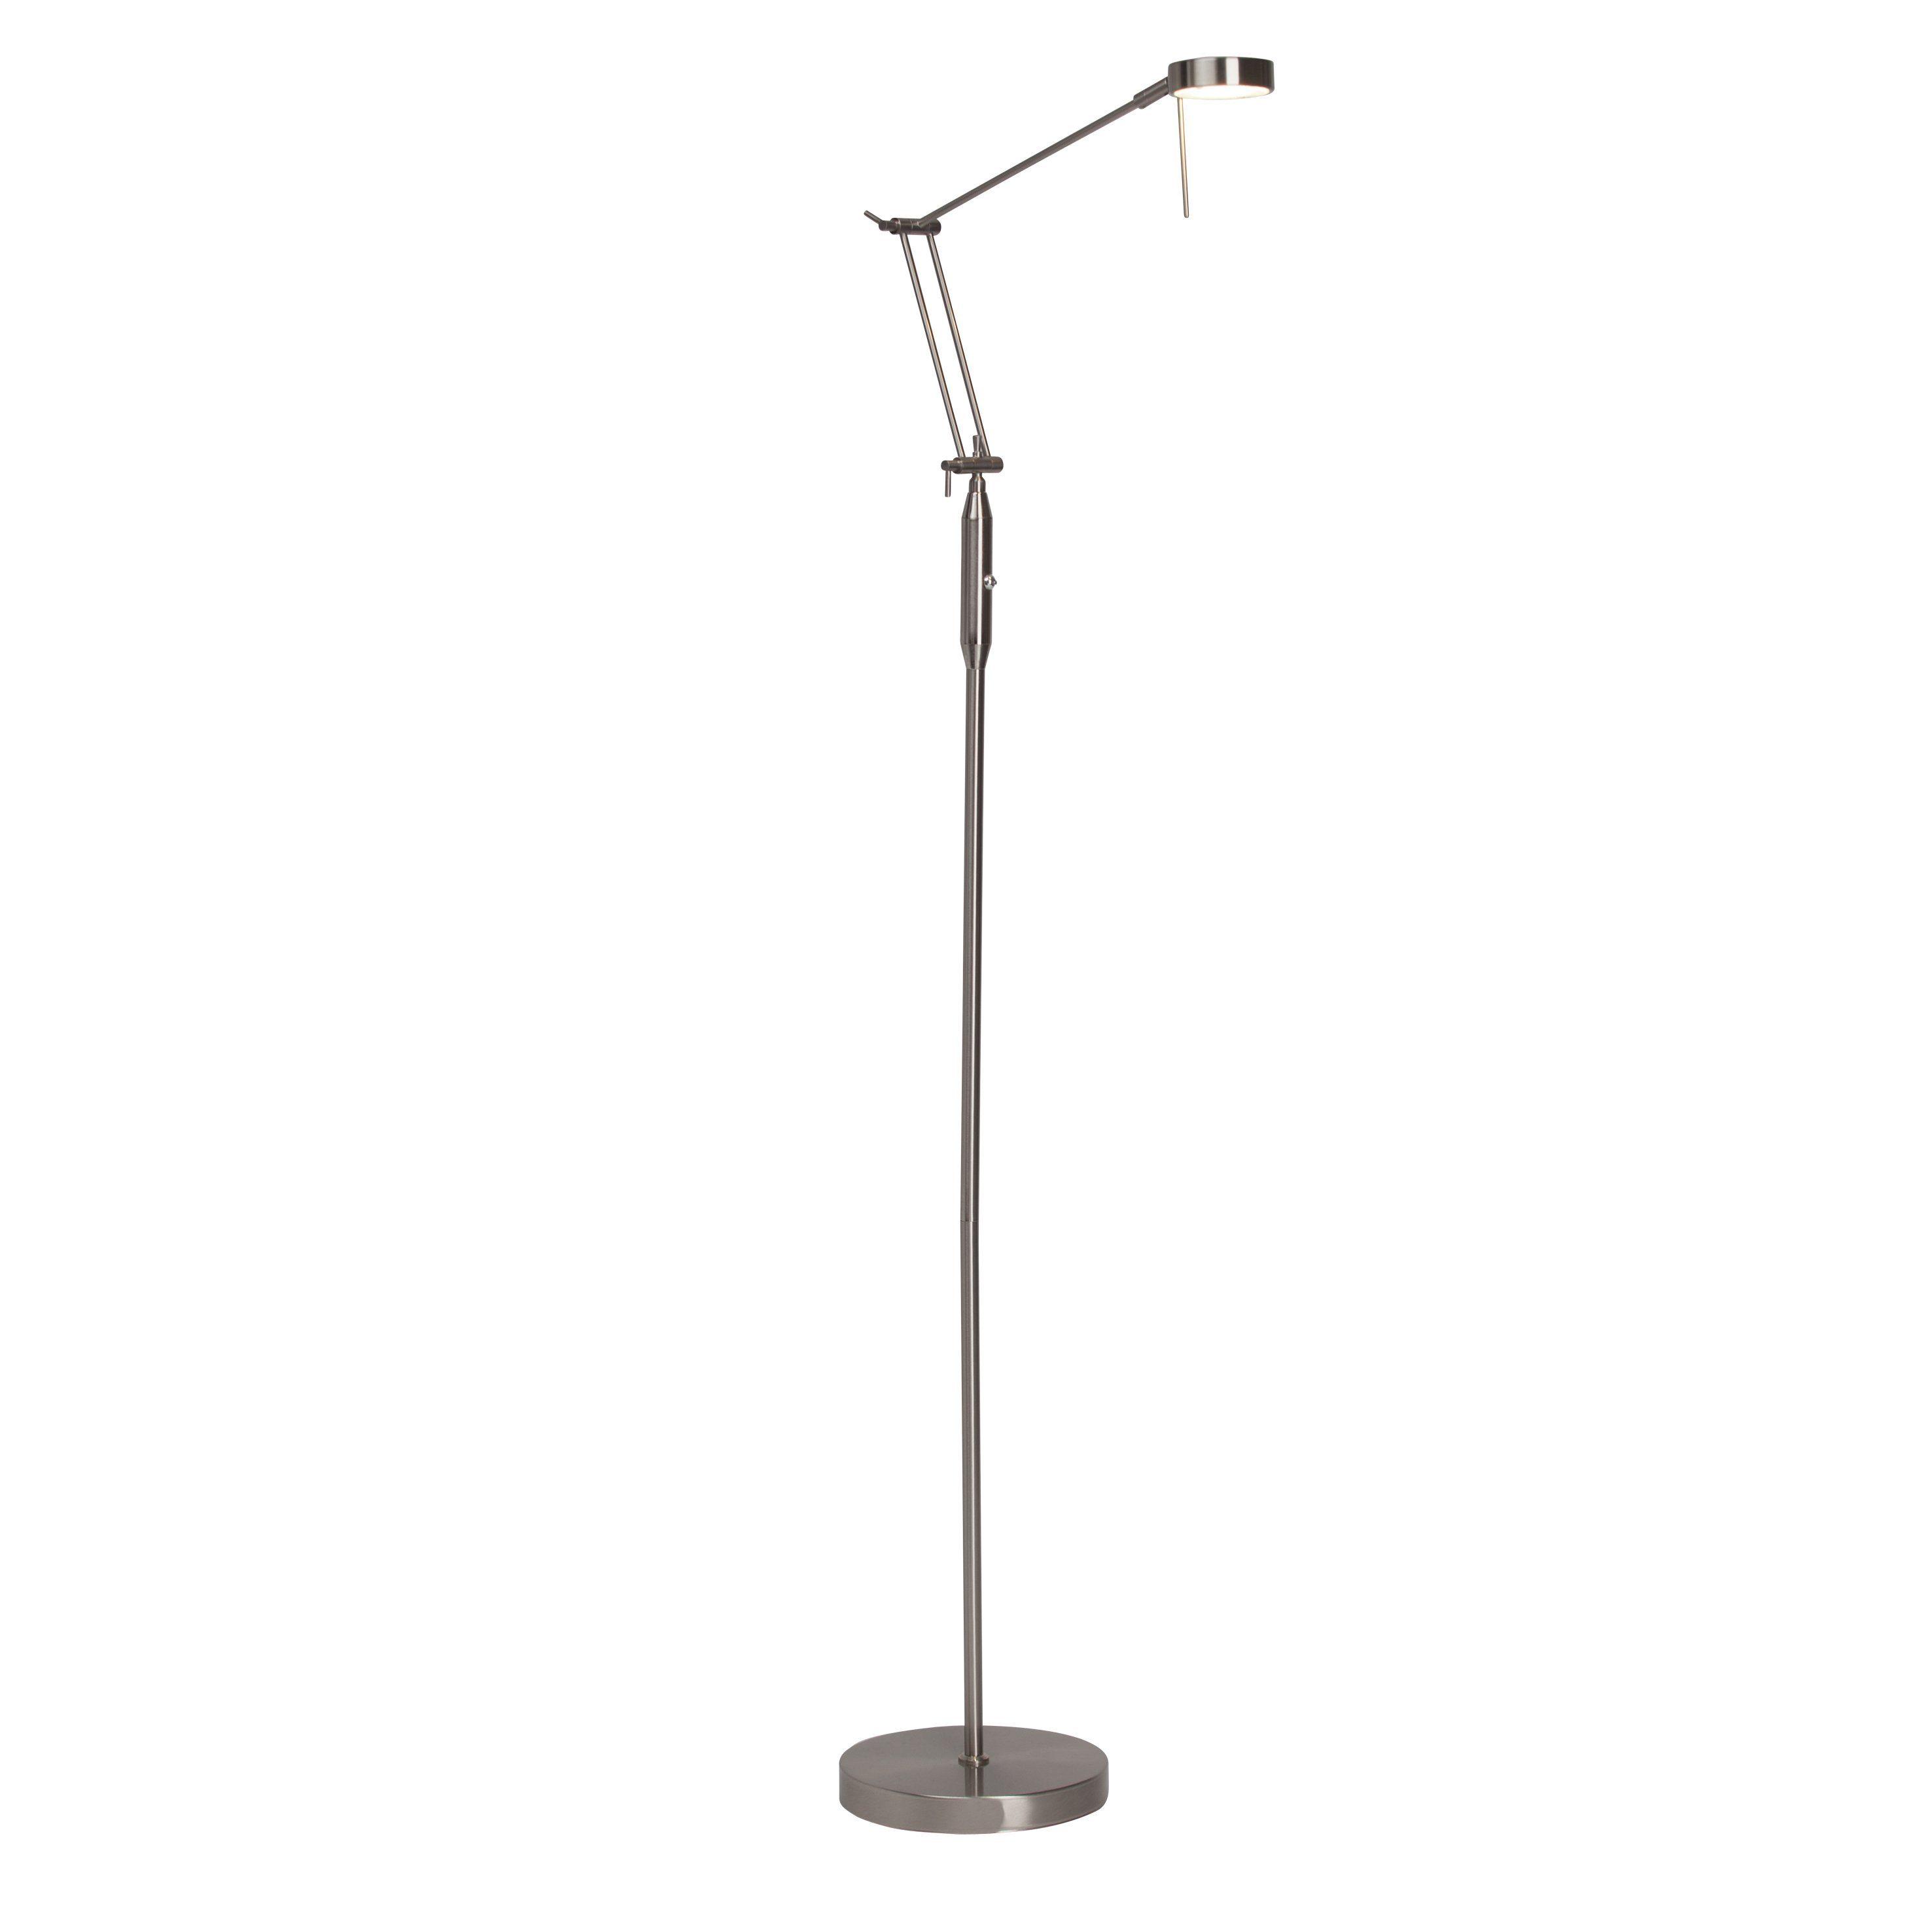 Brilliant Leuchten Carlino LED Standleuchte eisen